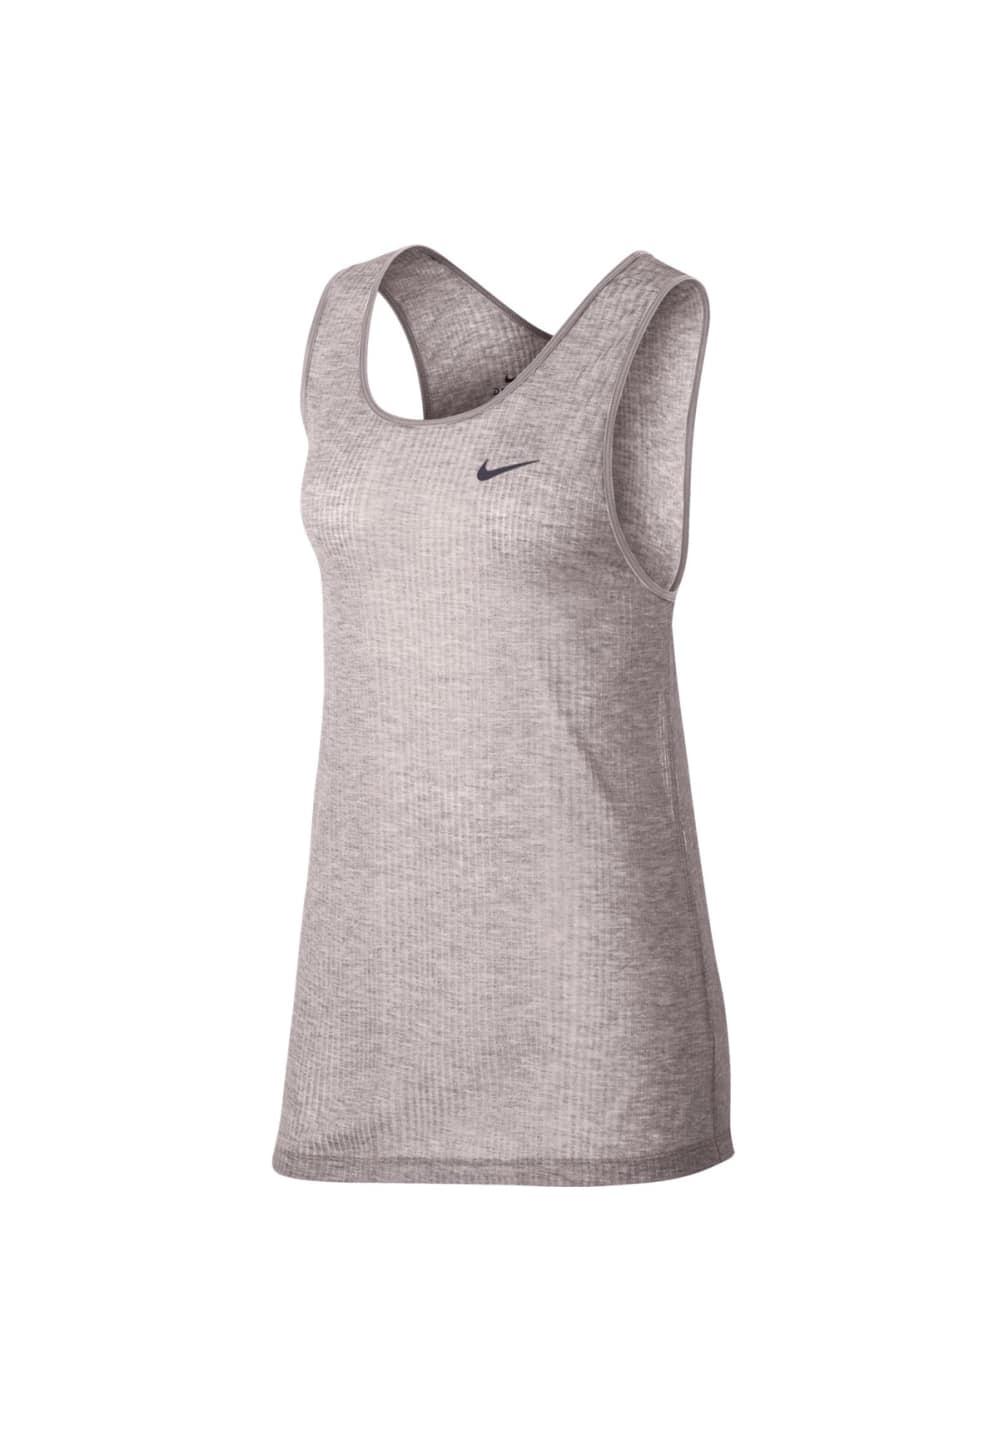 Nike Breathe Training Tank - Fitnessshirts für Damen - Pink, Gr. S